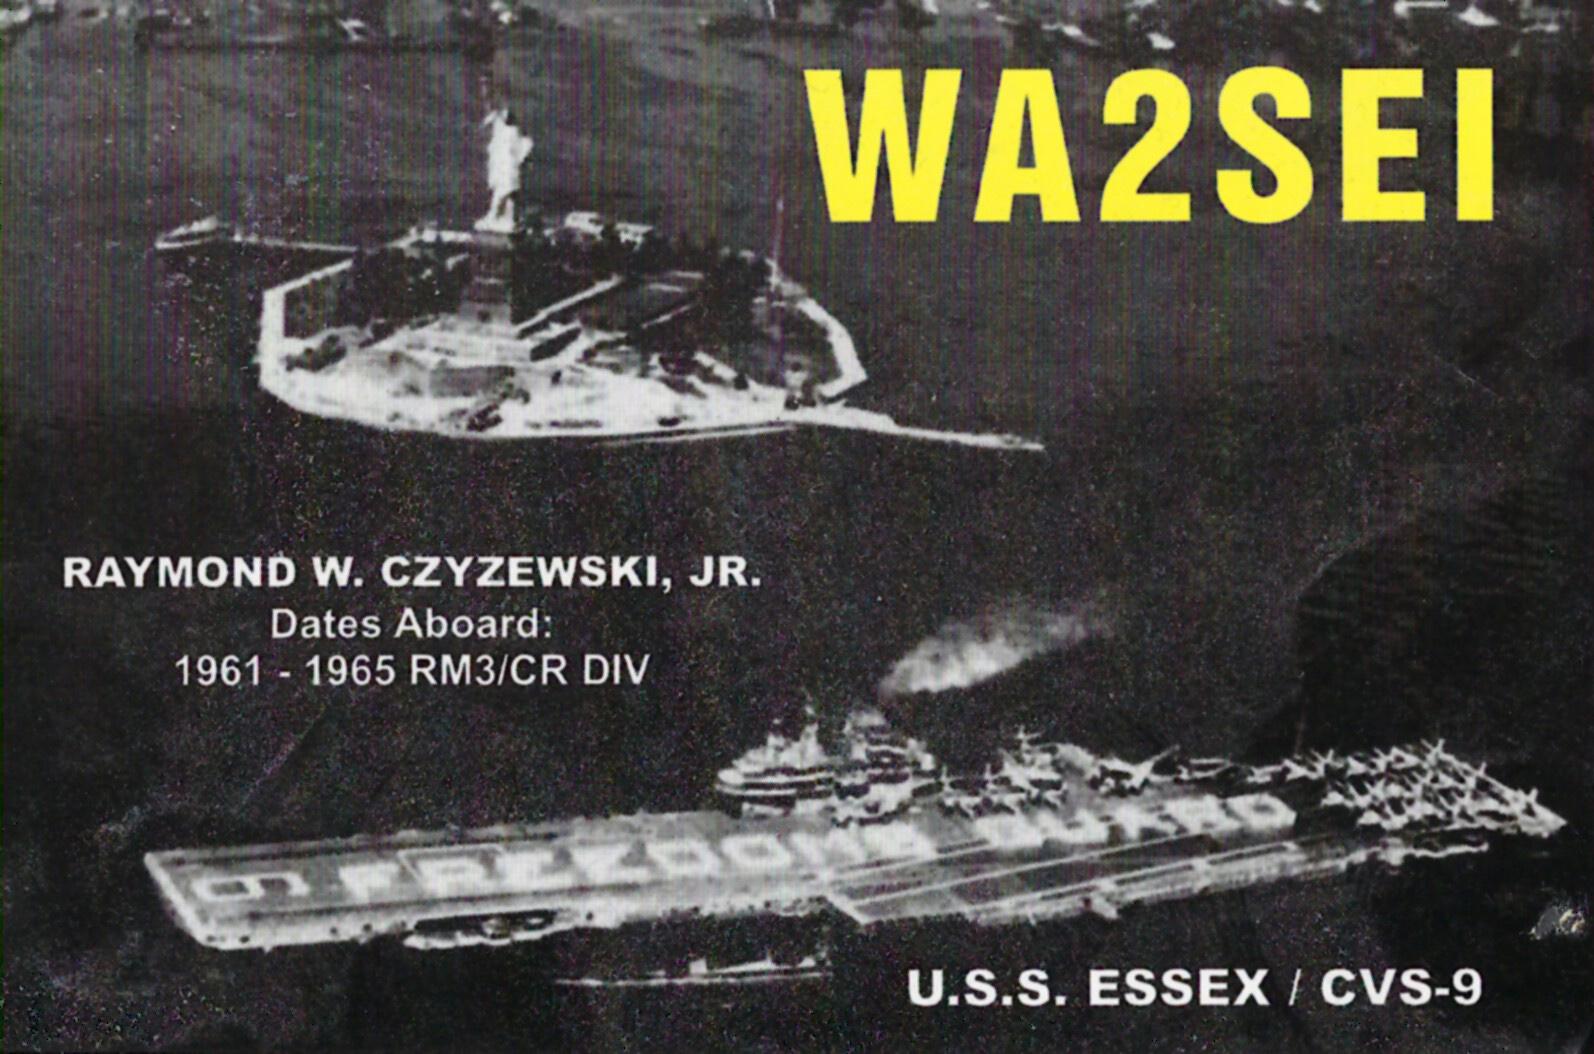 WA2SEI-2017